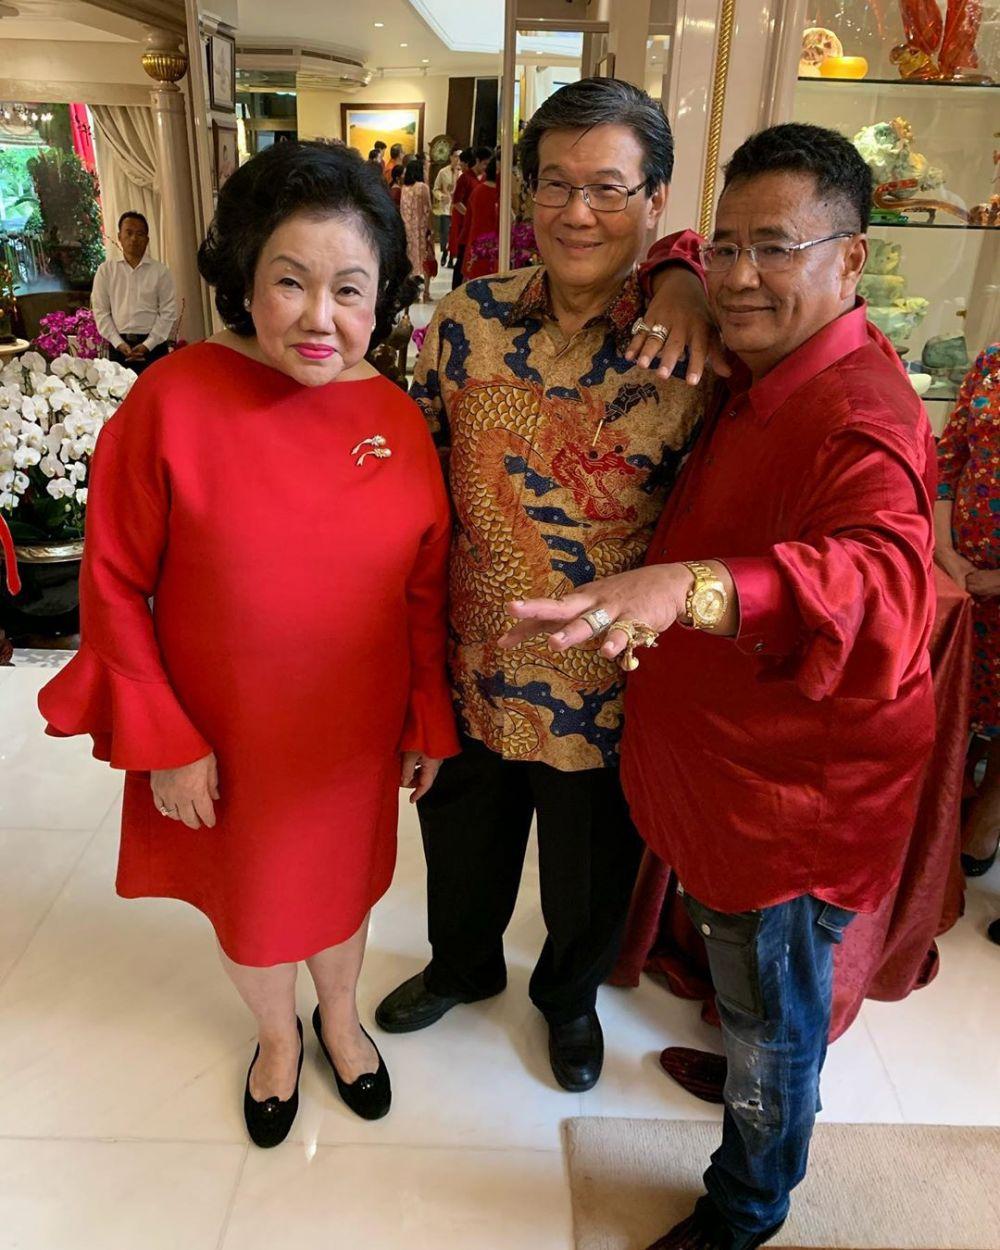 Potret perayaan Imlek di Rumah Konglomerat Indonesia Instagram/@hotmanparisofficial